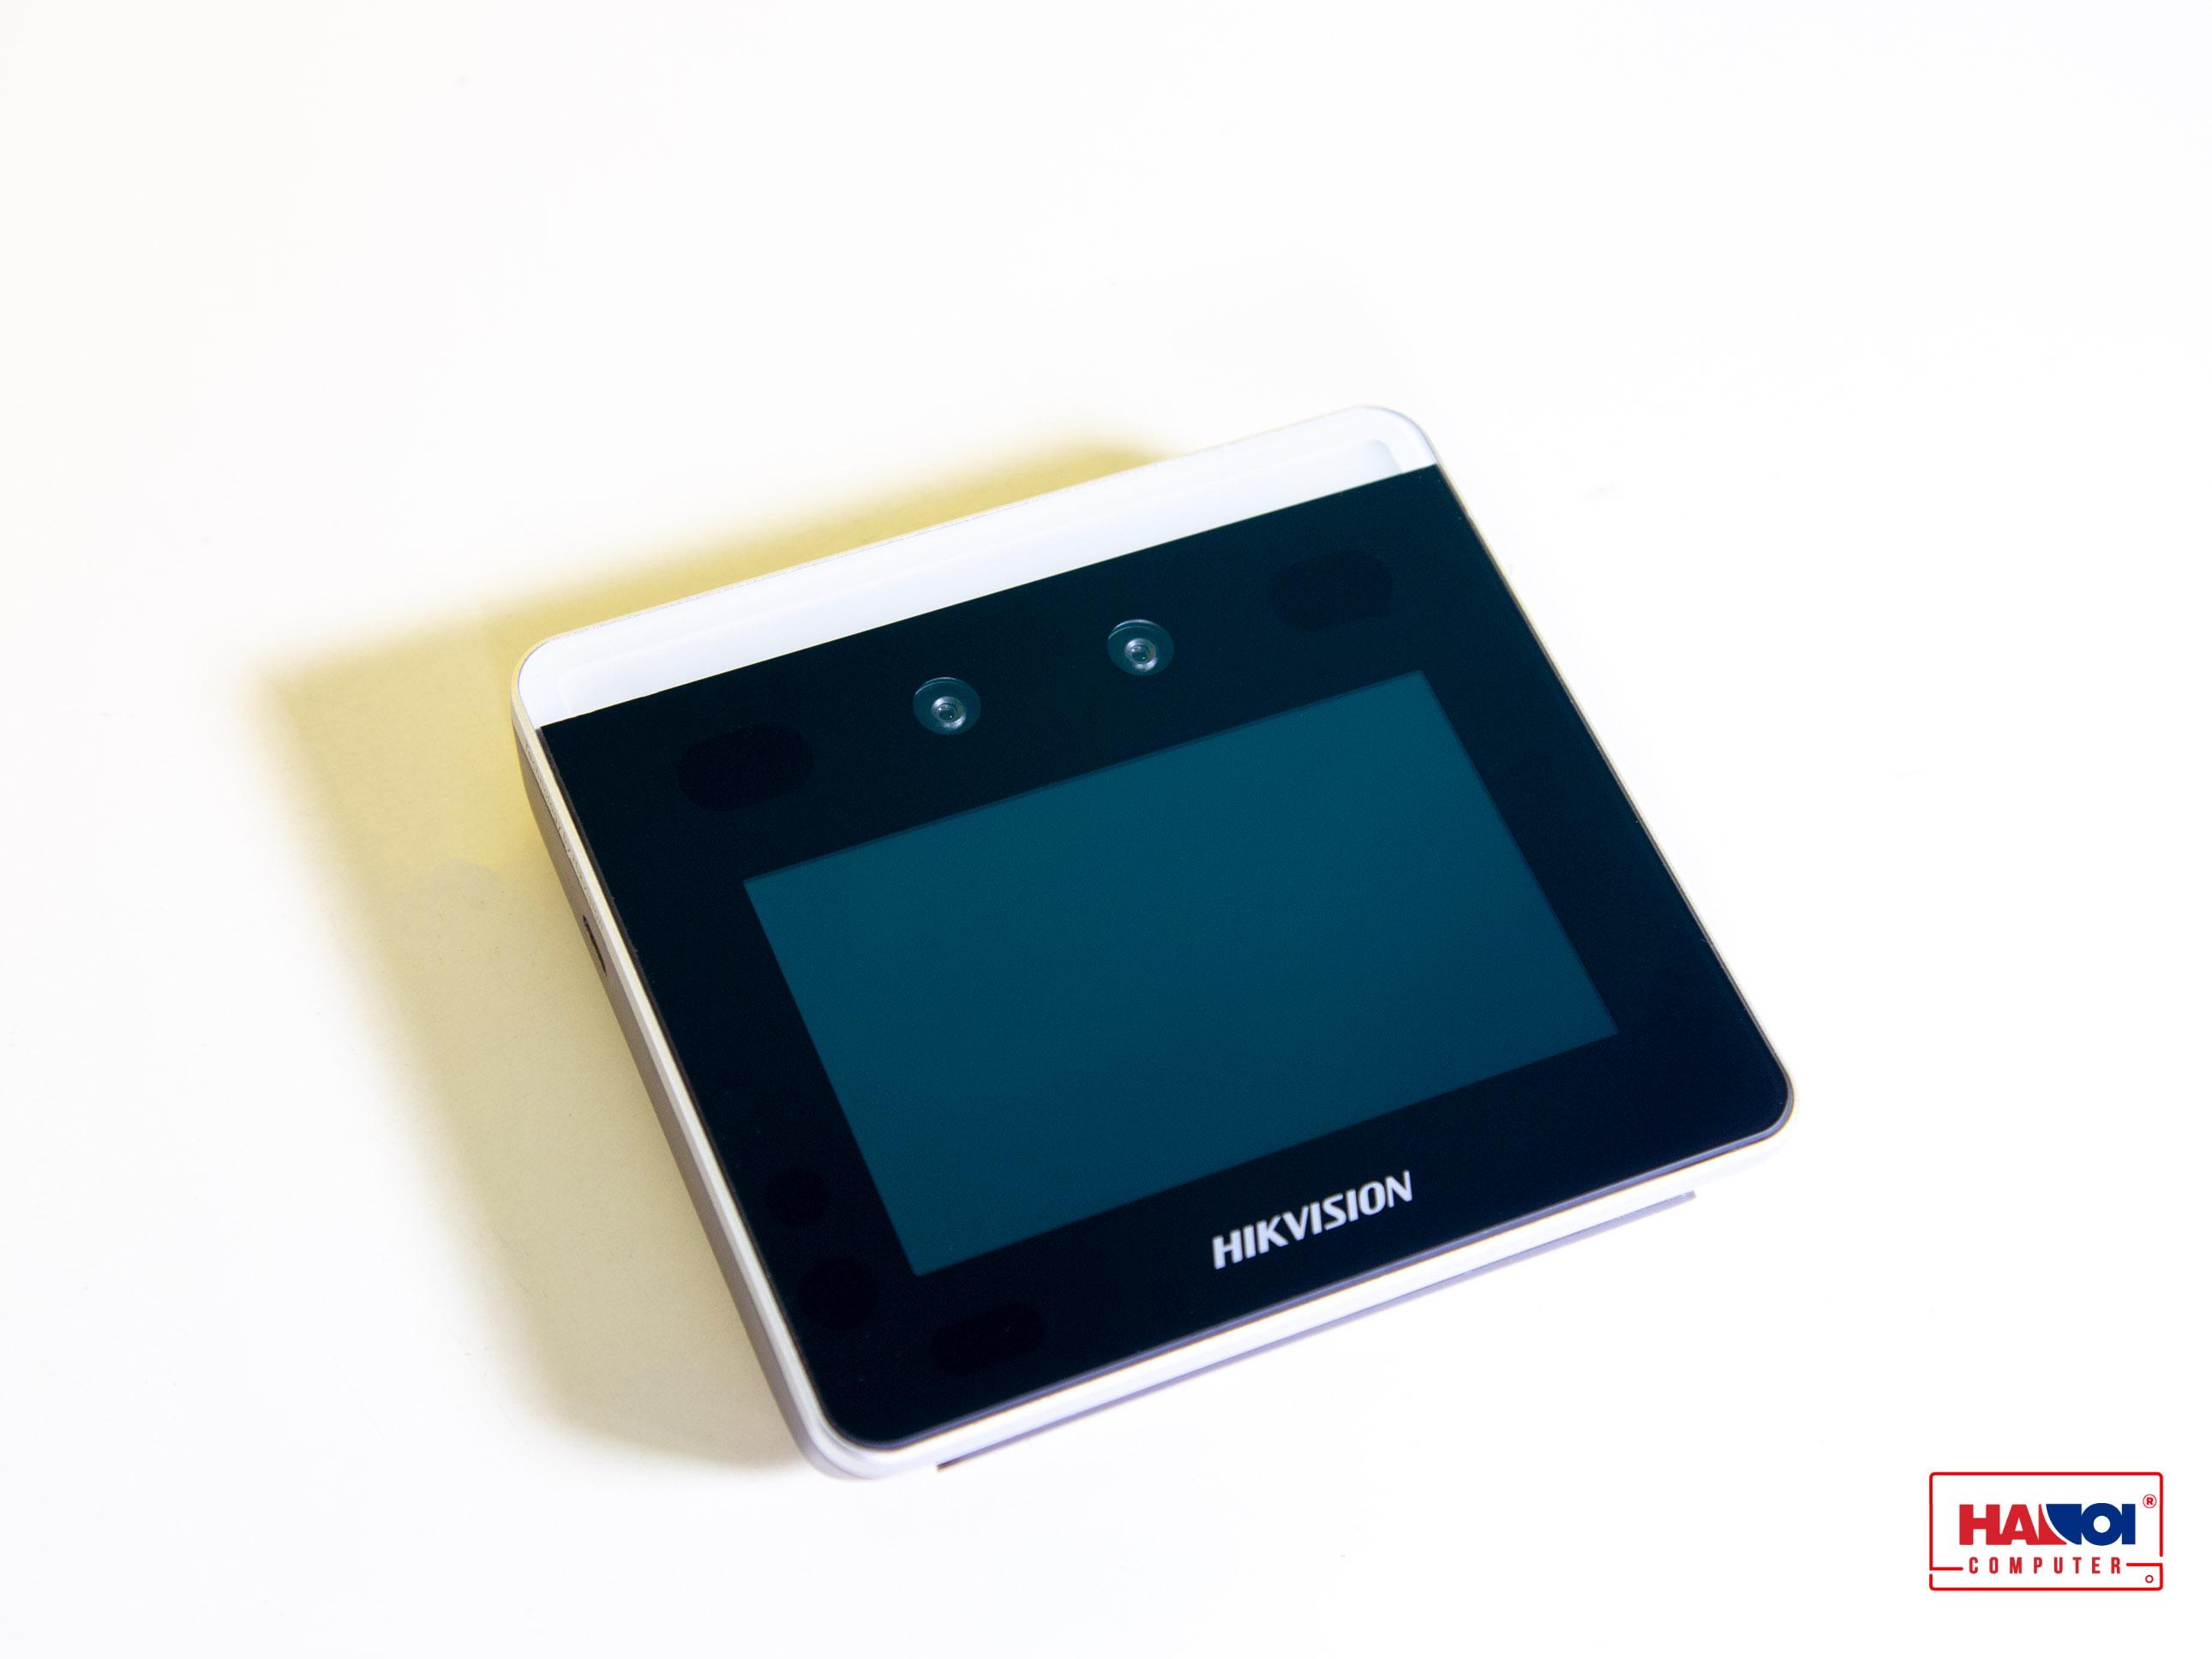 Máy chấm công nhận diện khuôn mặt và kiểm soát ra vào Hikvision DS-K1T331W